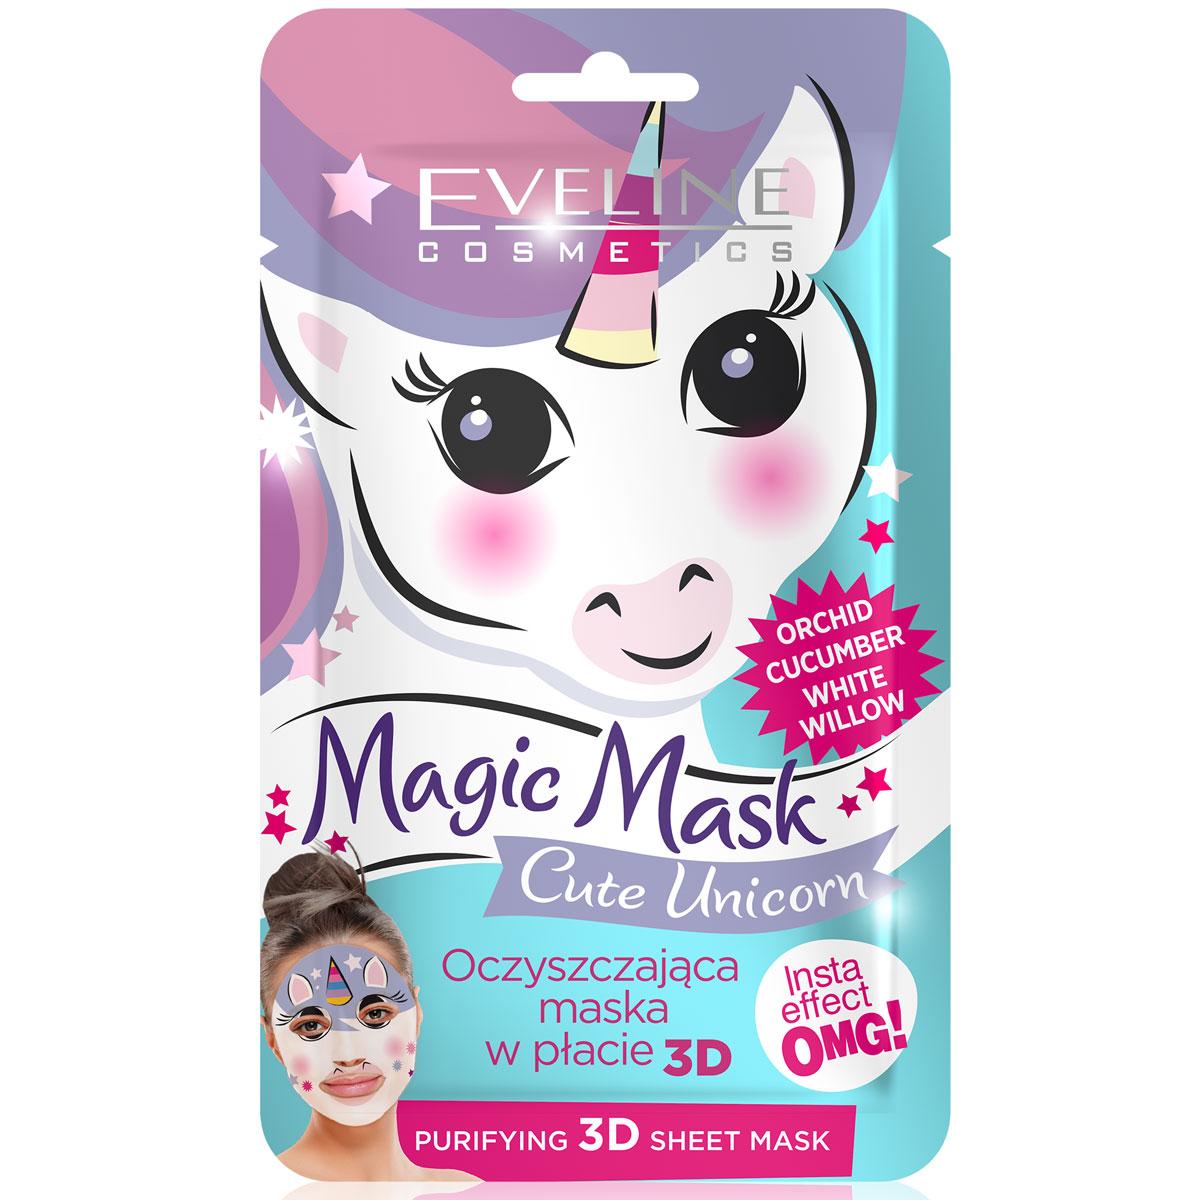 Eveline-cosmetics-pleťová-maska-Jednorožec